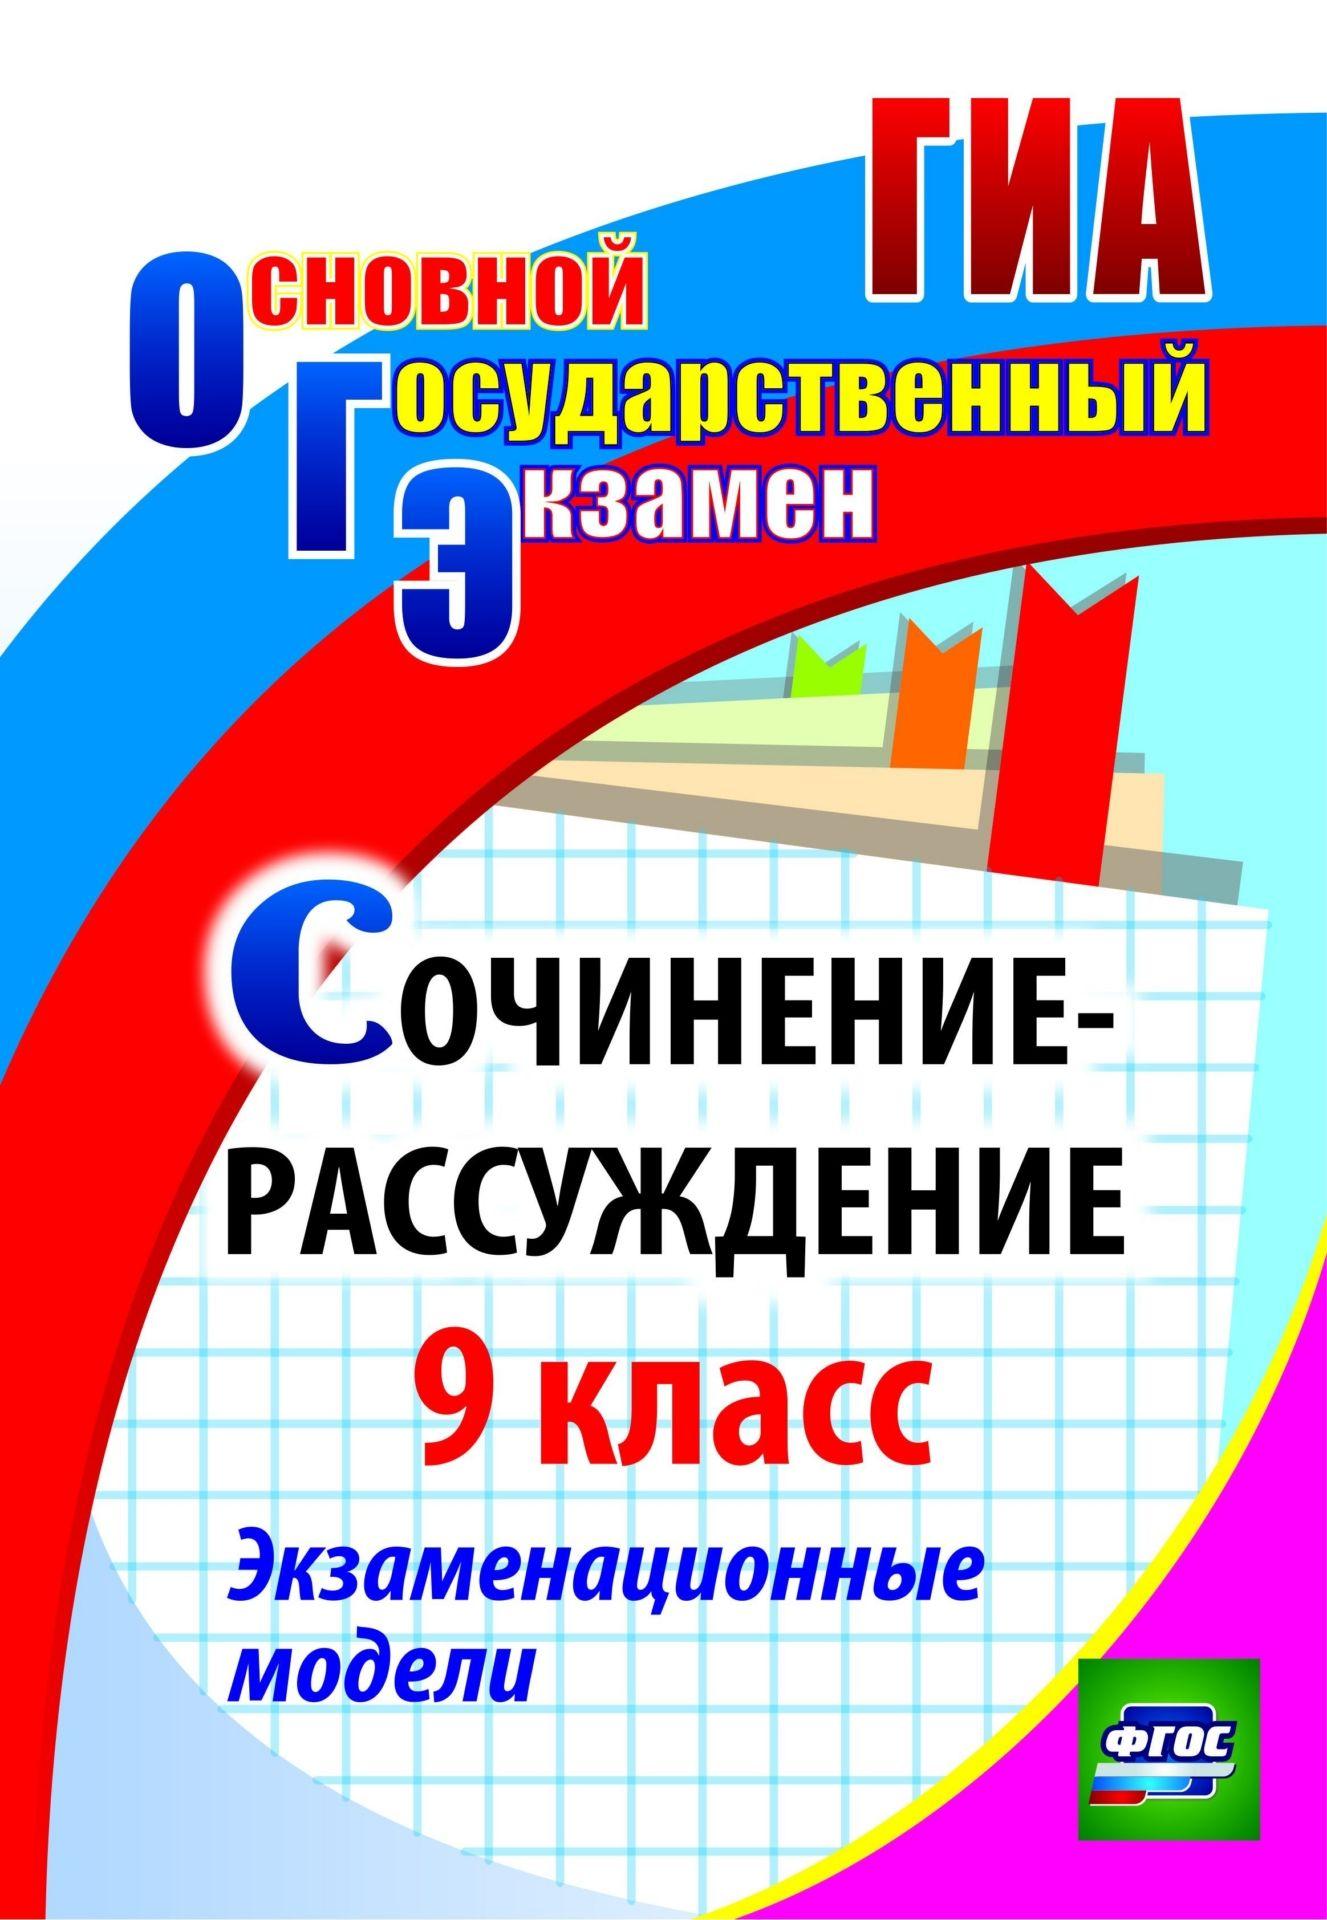 Сочинение-рассуждение. 9 класс. Экзаменационные модели. Программа для установки через ИнтернетПредметы<br>Освоение образовательной программы по русскому языку основного общего образования завершается обязательной государственной итоговой аттестацией по русскому языку. В пособии представлены экзаменационные модели наиболее сложных заданий по русскому языку, на...<br><br>Авторы: Кадашникова Н. Ю.<br>Год: 2017<br>Серия: ГИА. Основной государственный экзамен